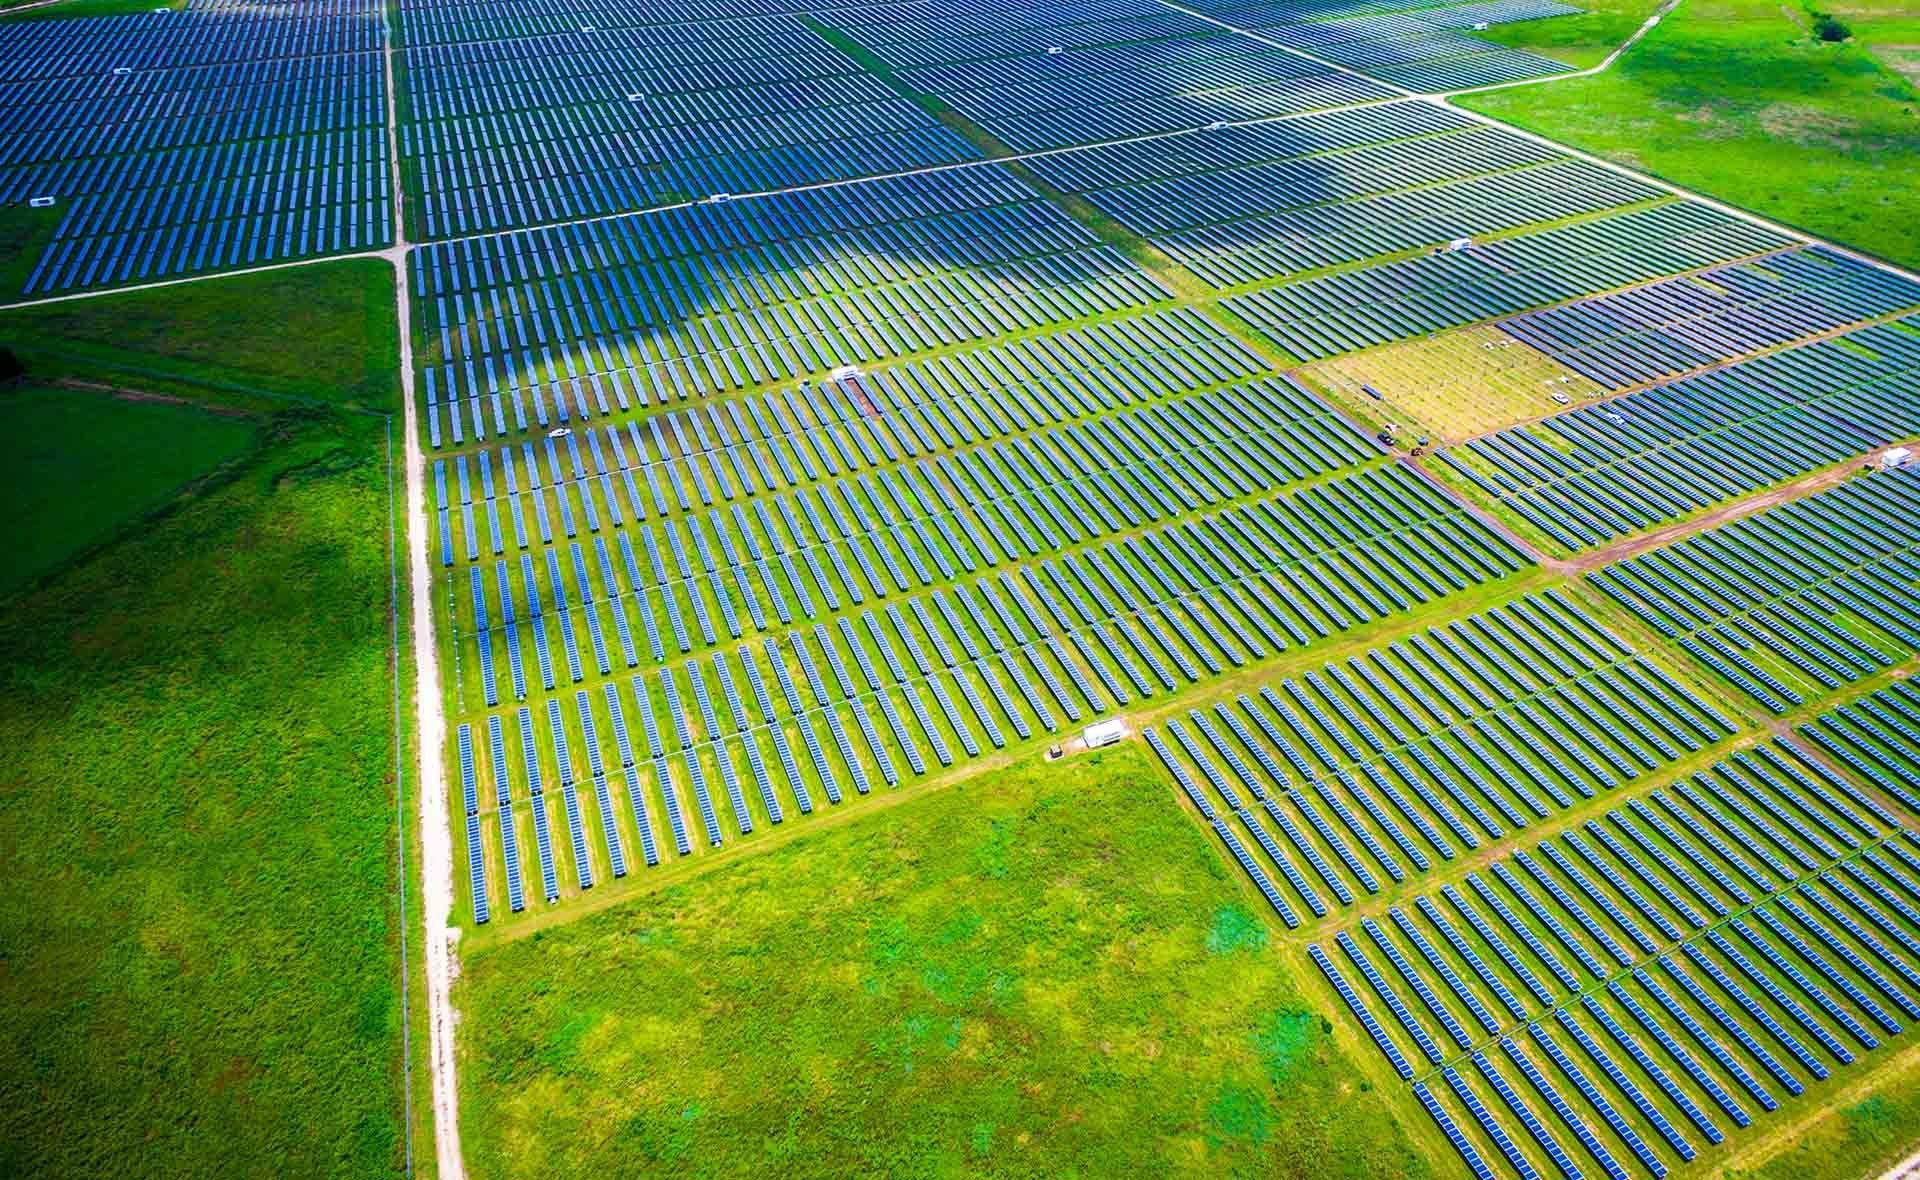 Fotografía de Cambio, verde, medioambiente, sostenible, sostenibilidad, cambio climático